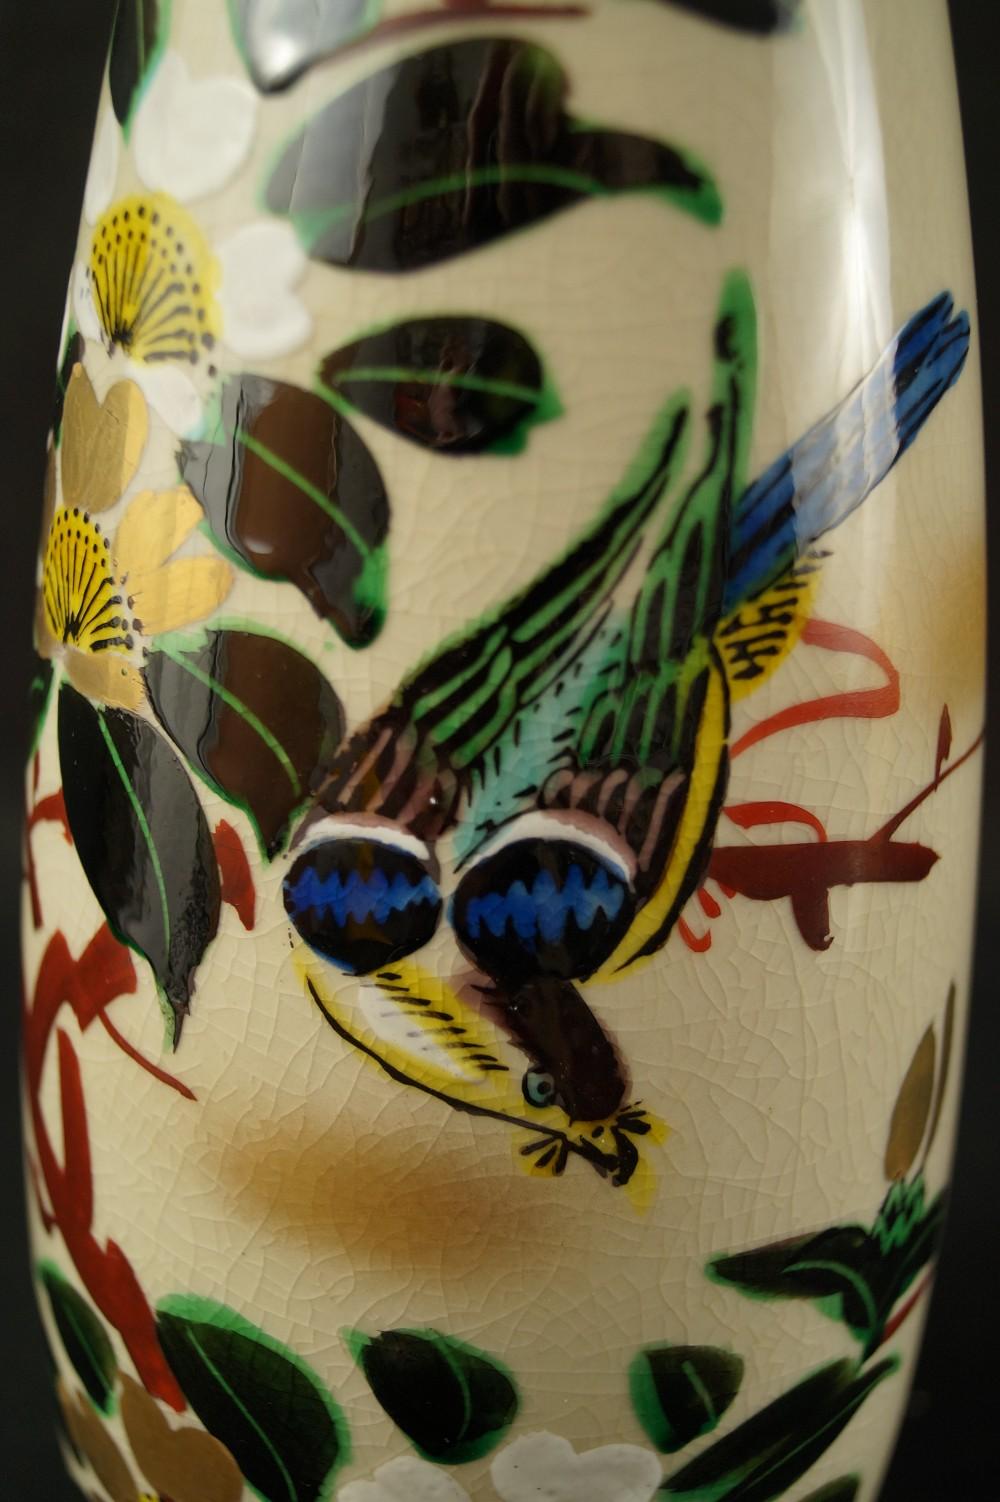 Sakura - japanische handgearbeitete Vase aus Kutani Porzellan